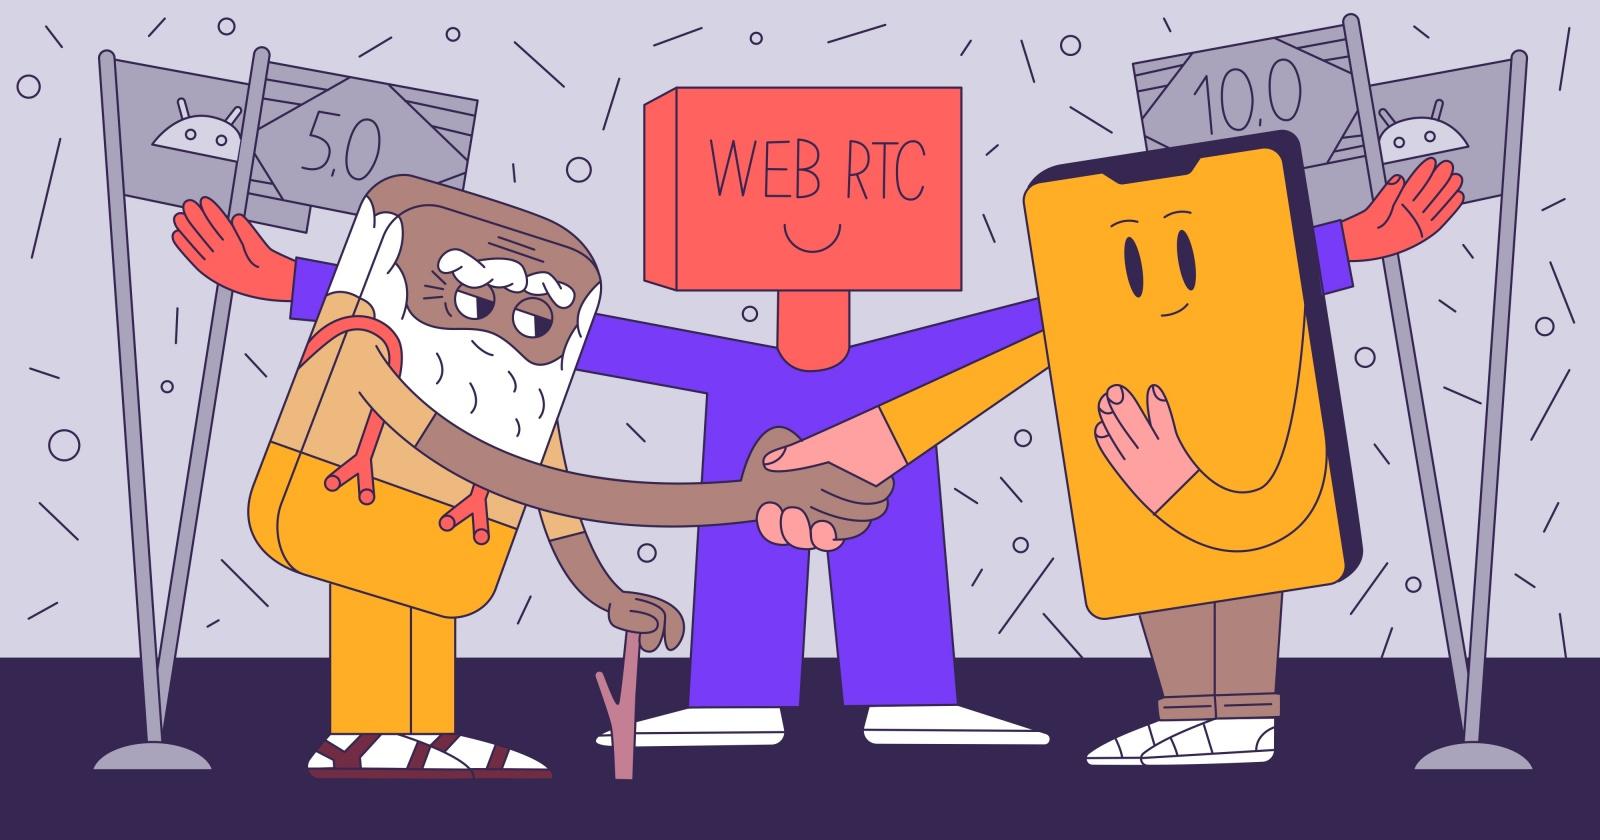 WebRTC на Android: как включить аппаратное кодирование на множестве устройств - 1